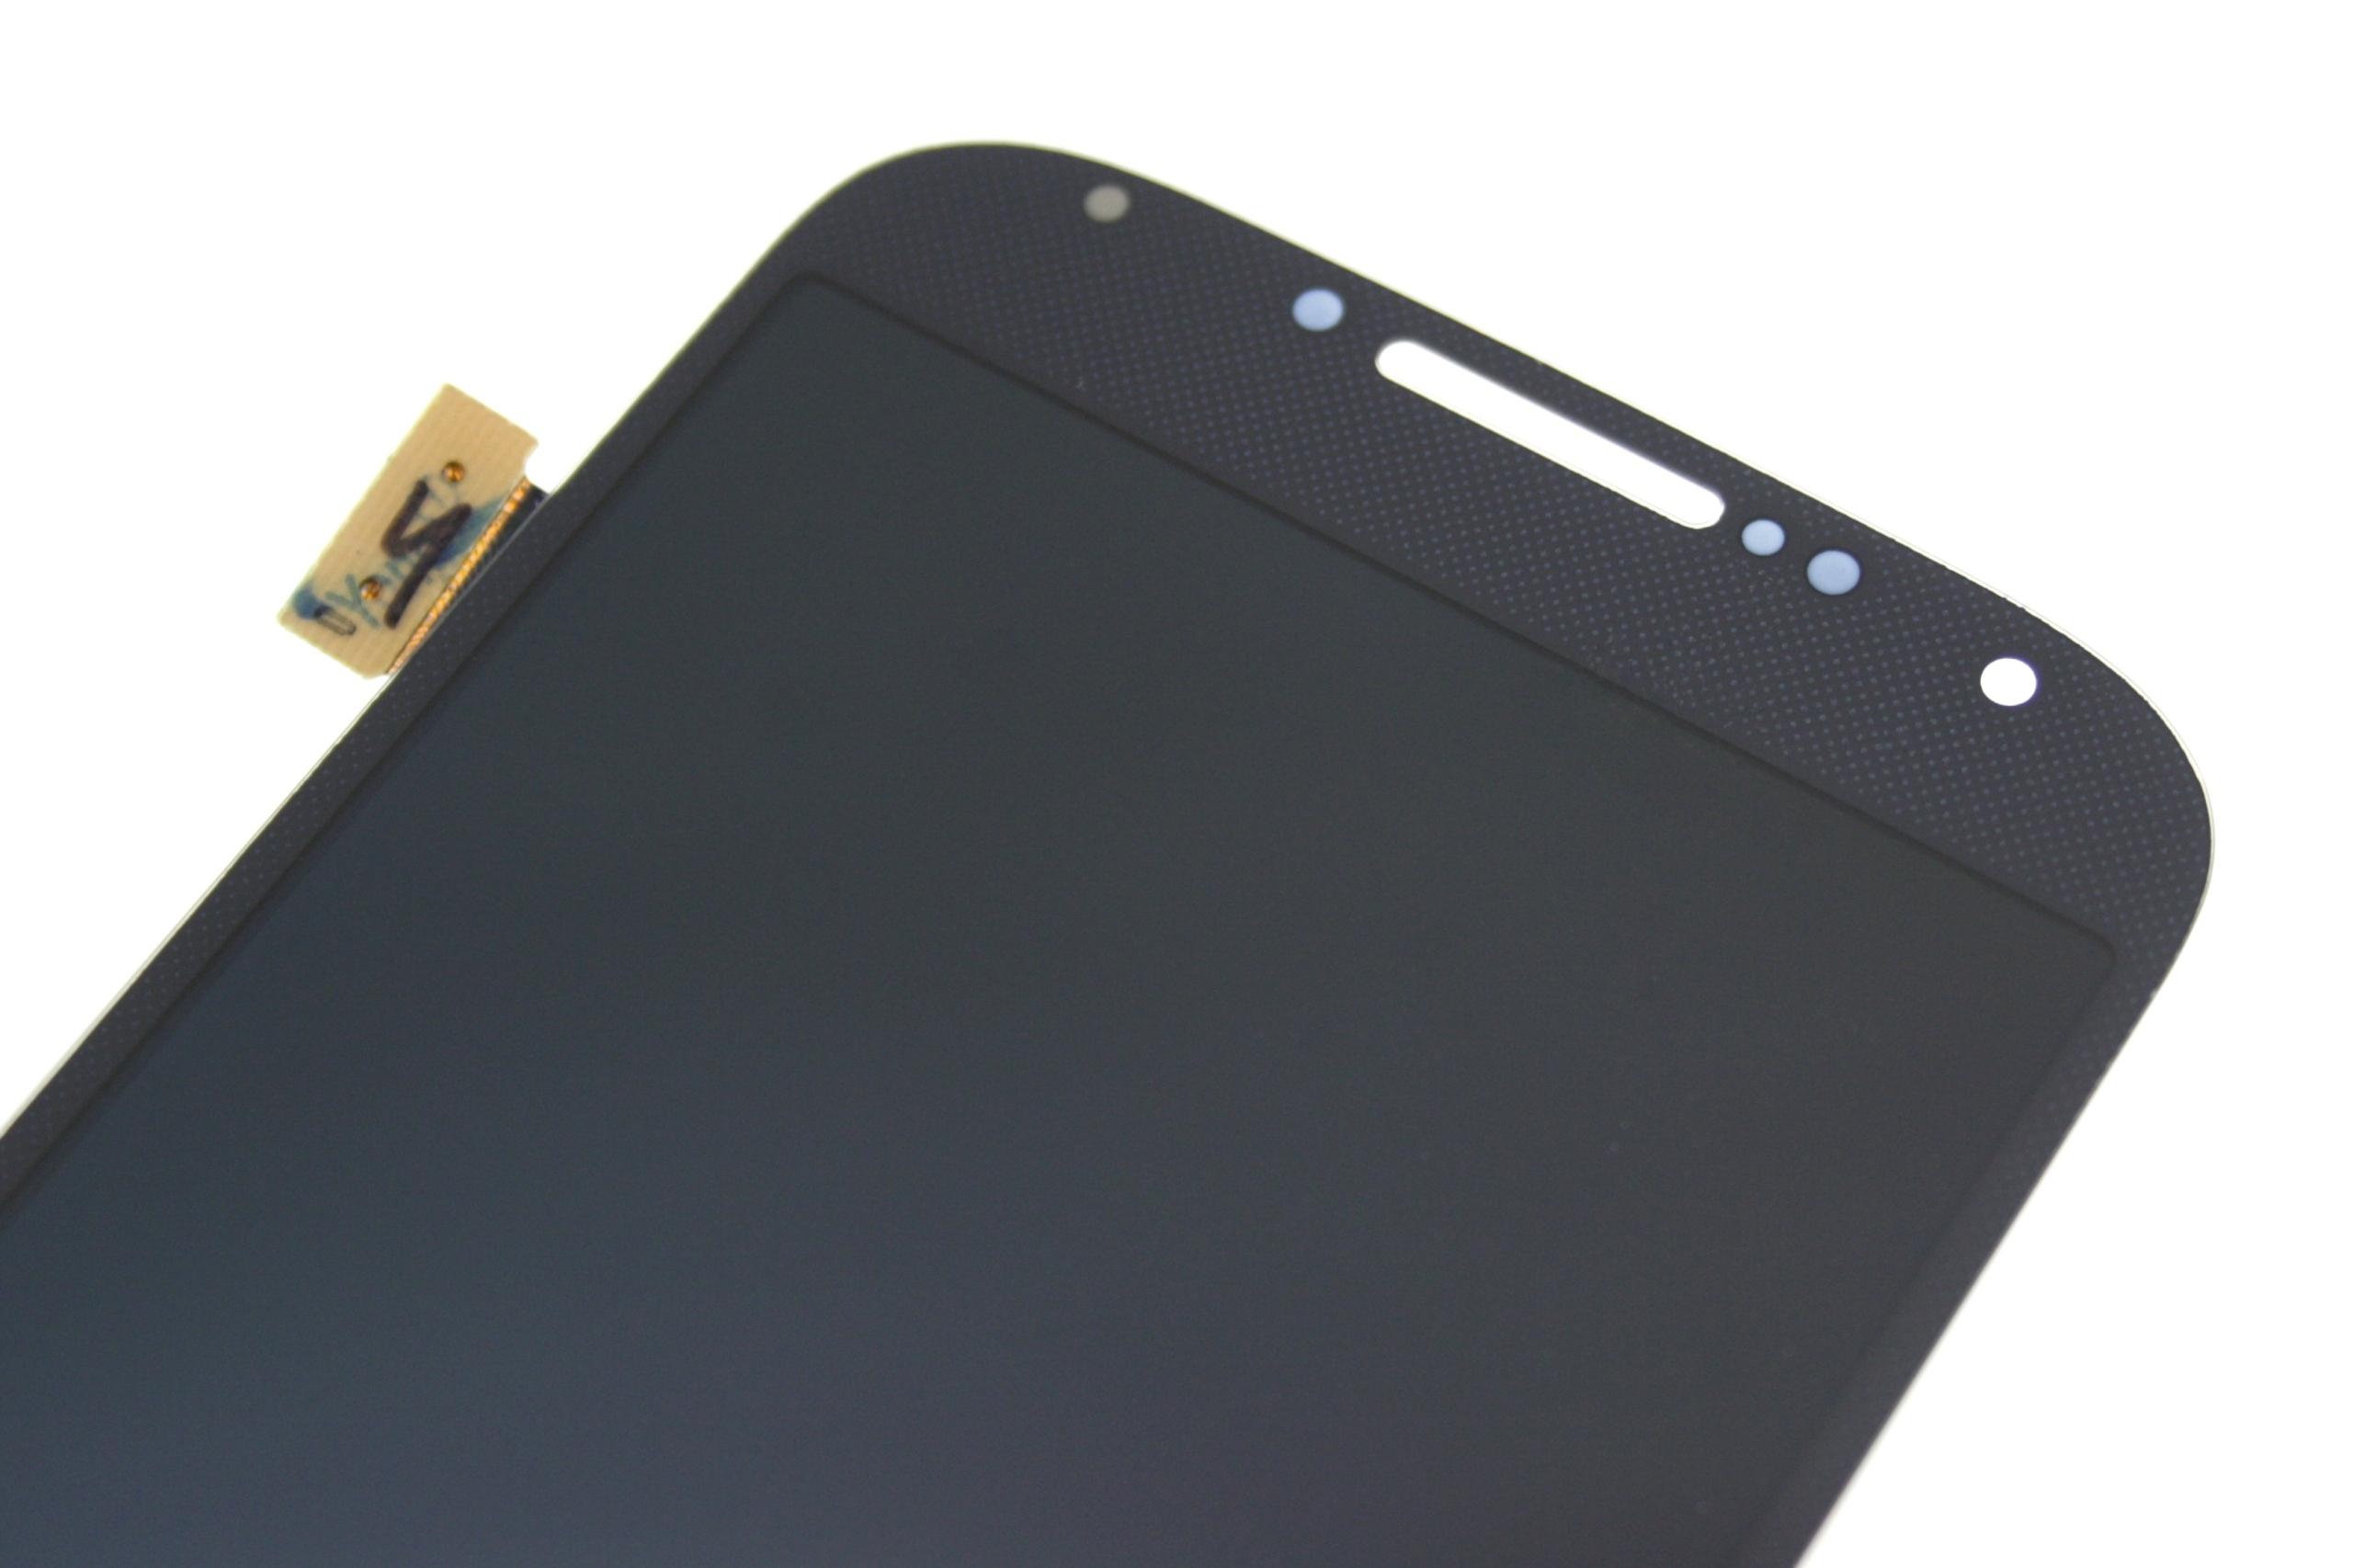 WYŚWIETLACZ NOWY LCD SAMSUNG S4 I9506 EKRAN DOTYK